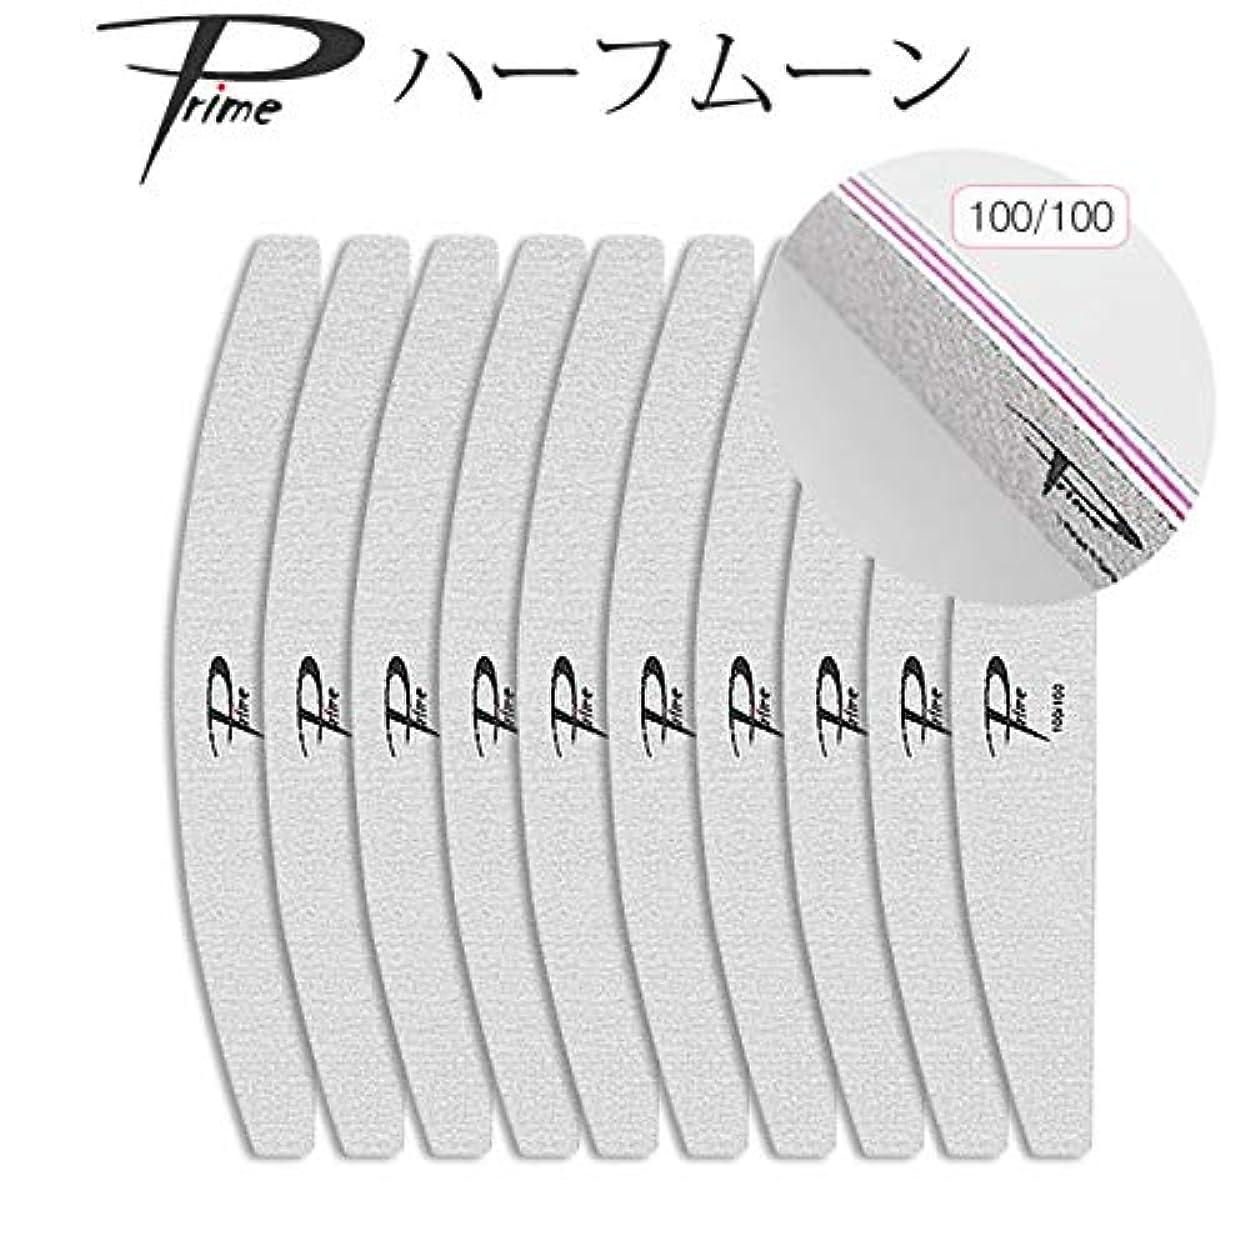 悪夢拮抗するホームレス10本セット Prime ハーフムーンファイル 100/100